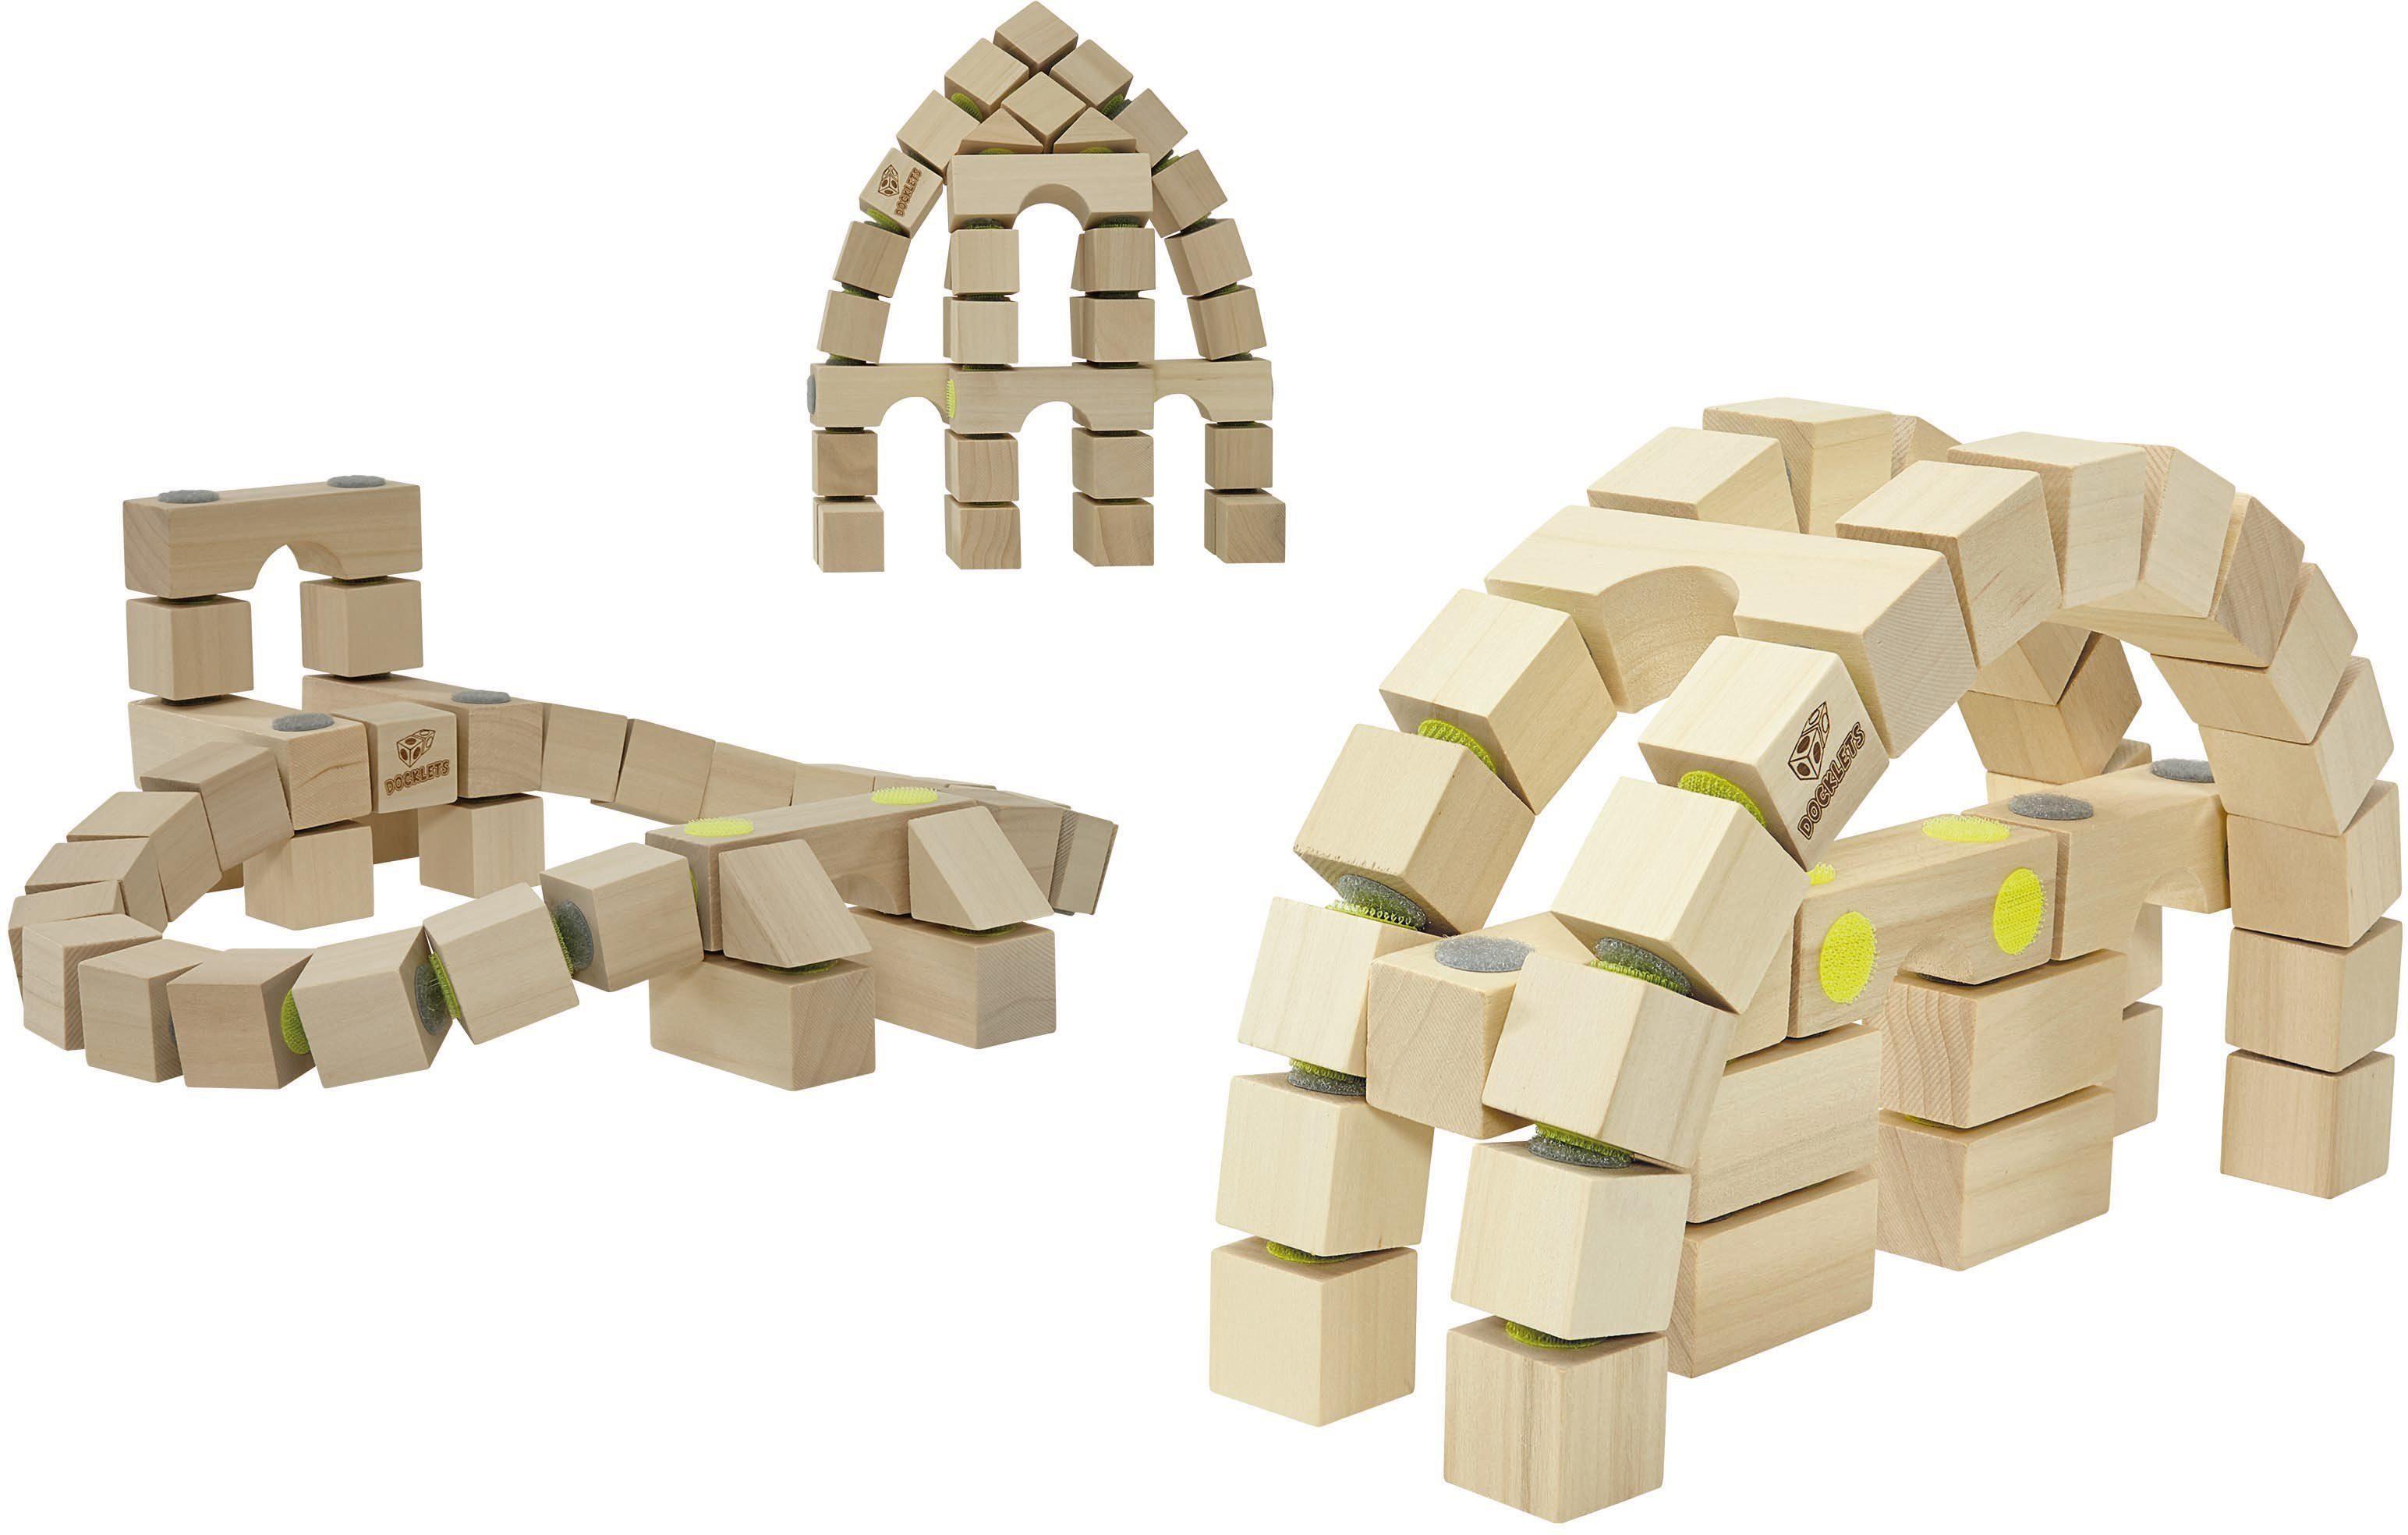 Holzbausteine mit Klettverbindung, »DOCKLETS® Architecture Set«